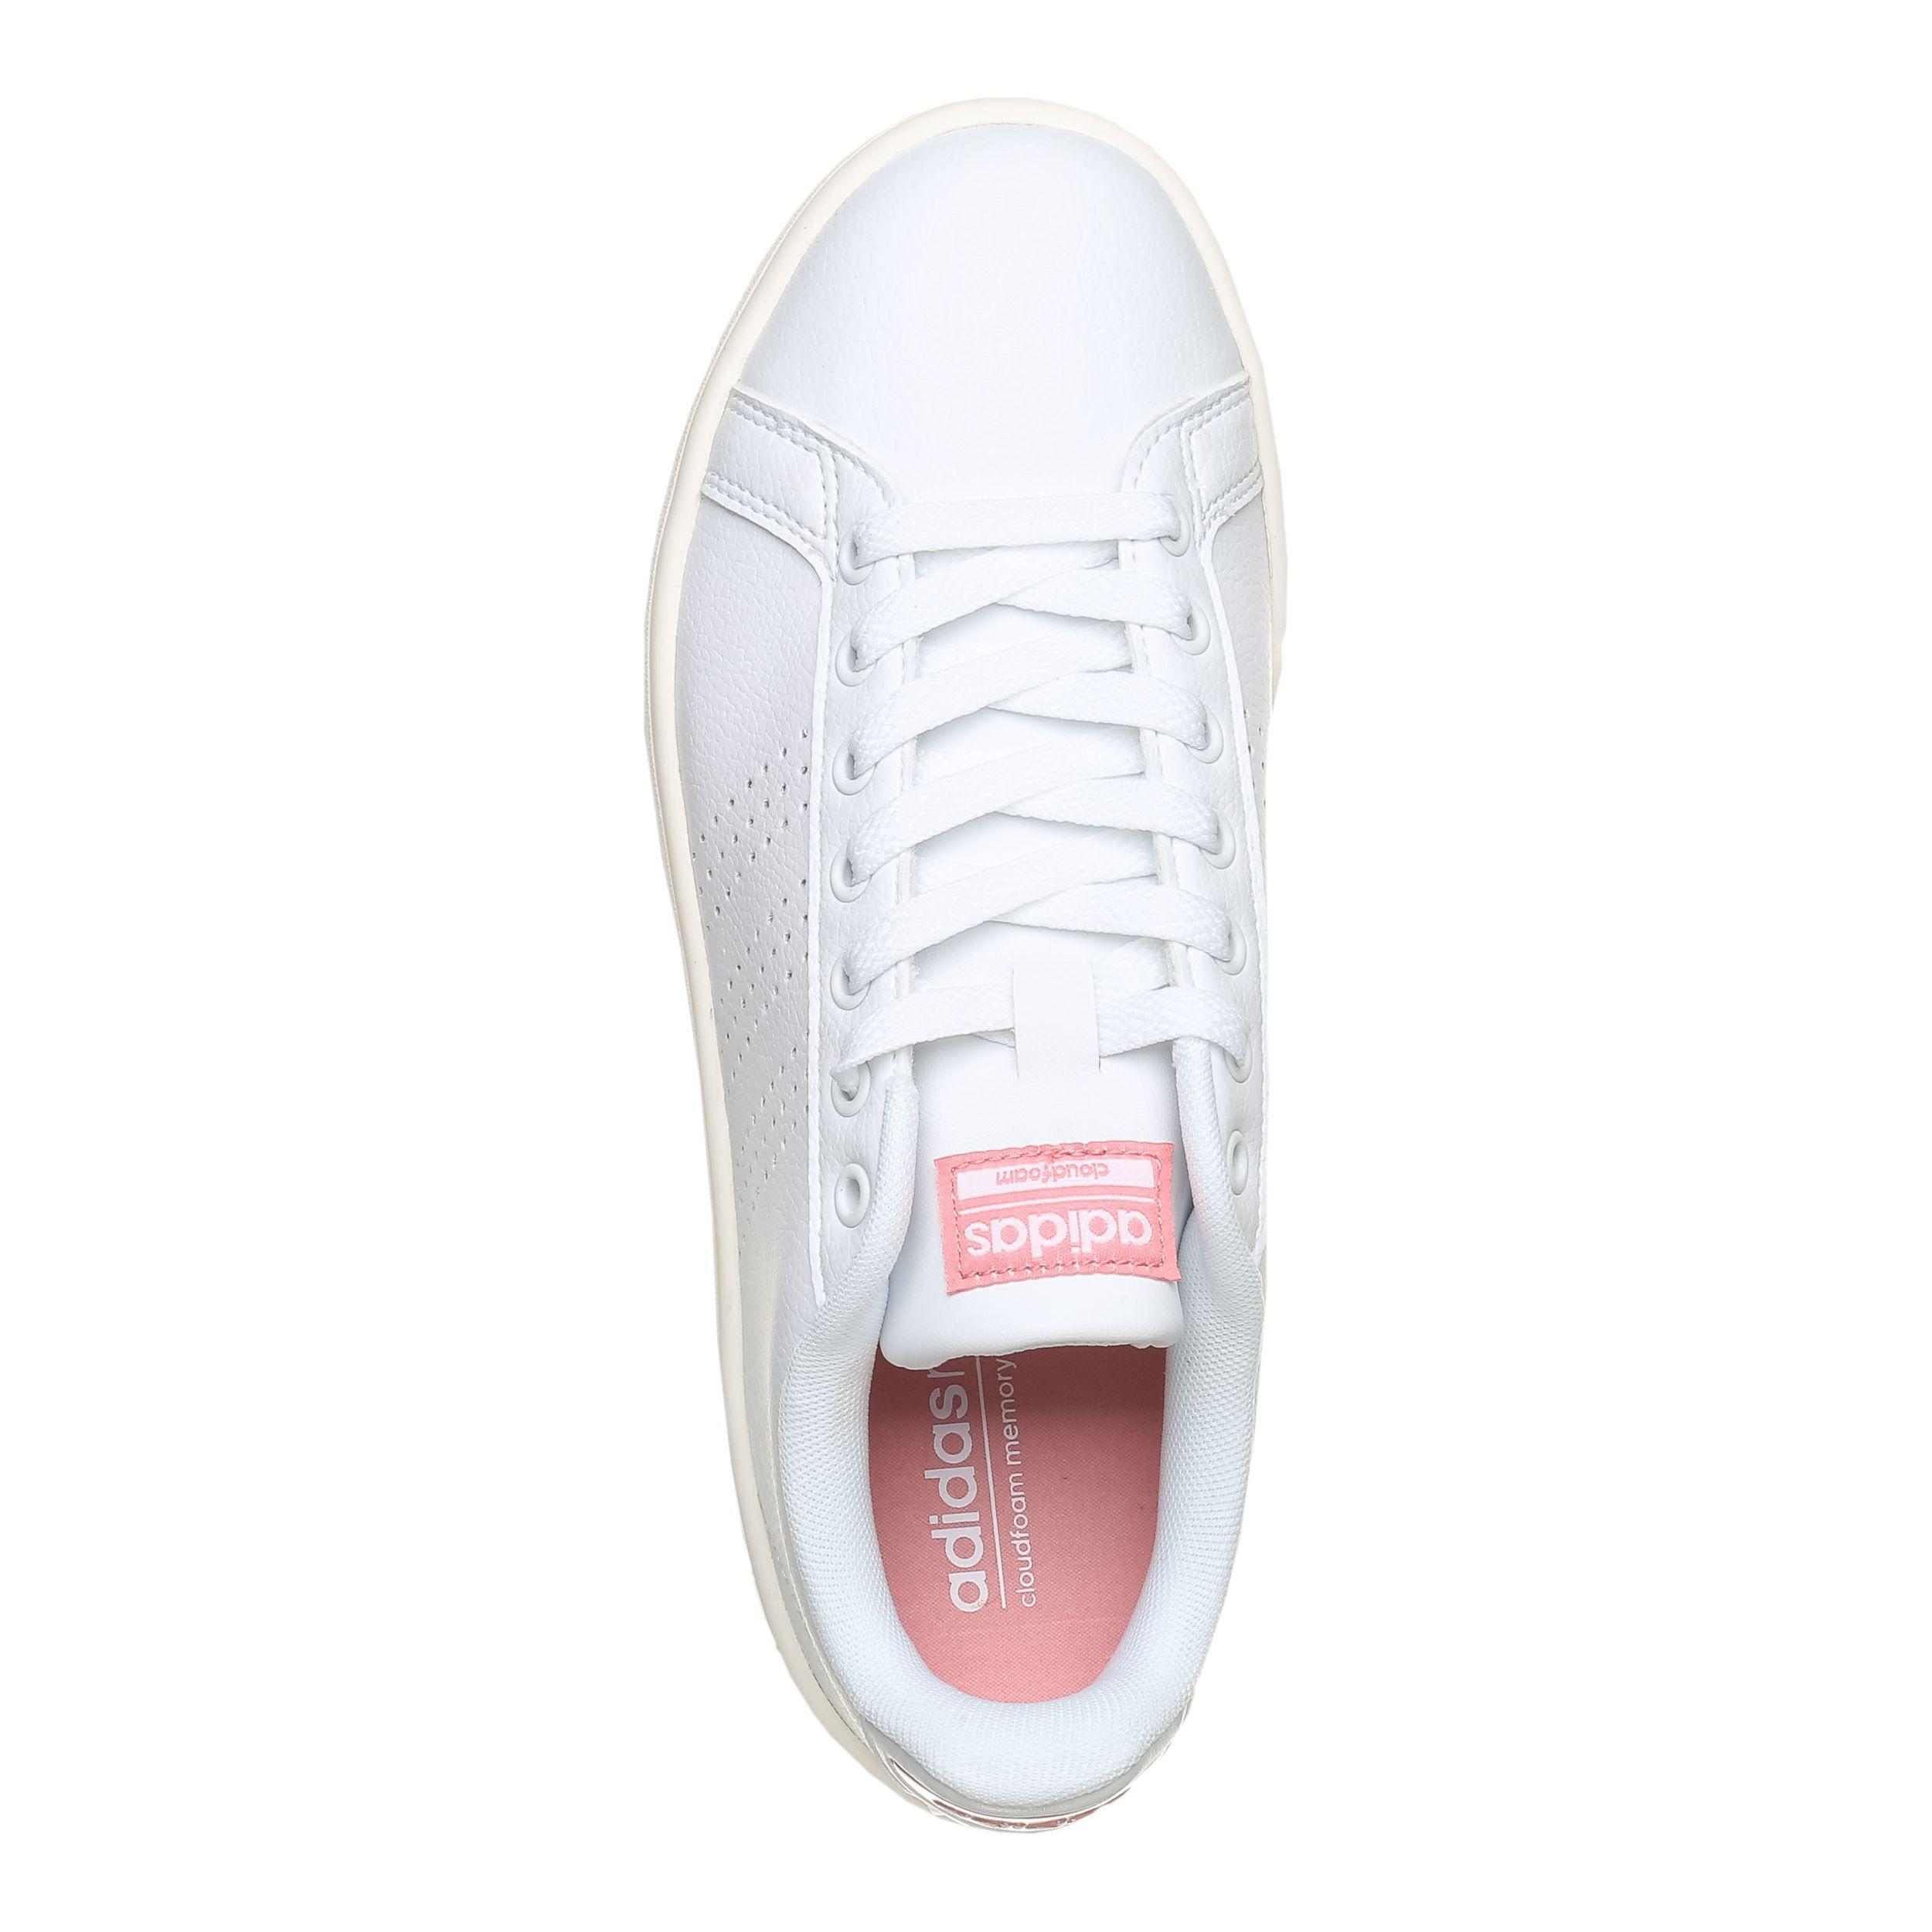 adidas Cloudfoam Advantage Clean Chaussure De Fitness Femmes